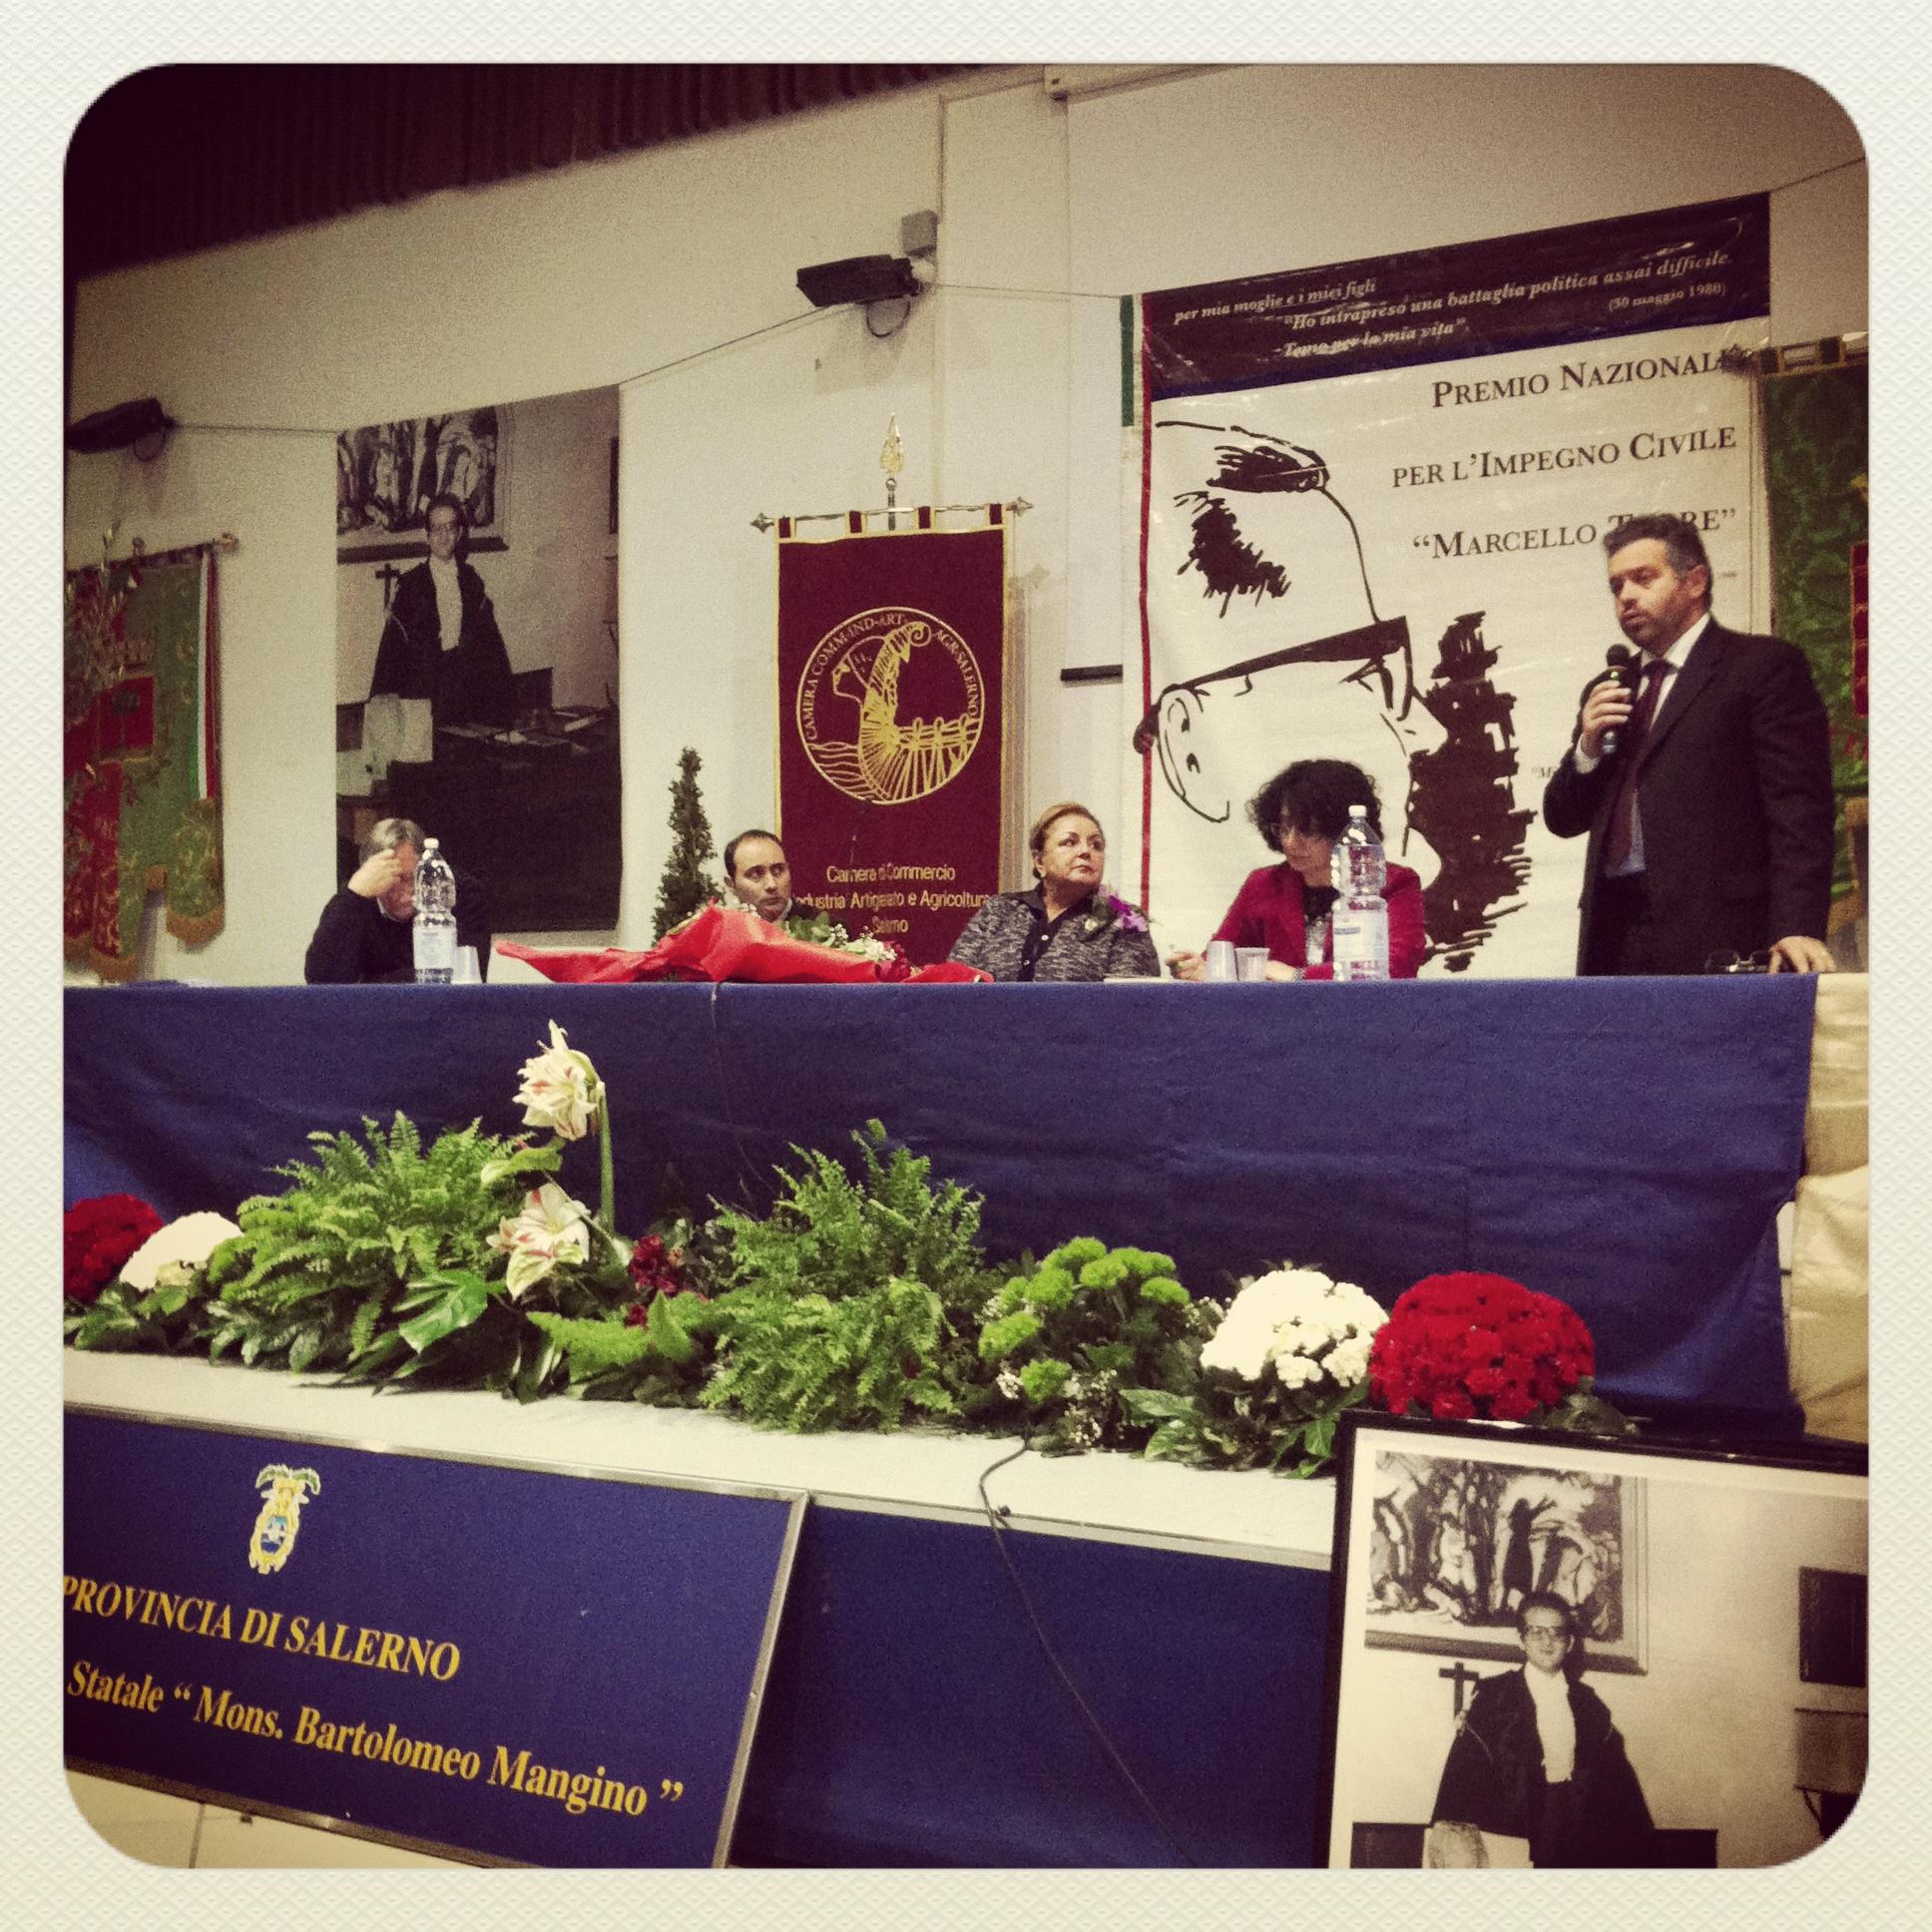 L'Etica e la Politica, nel ricordo di Marcello Torre